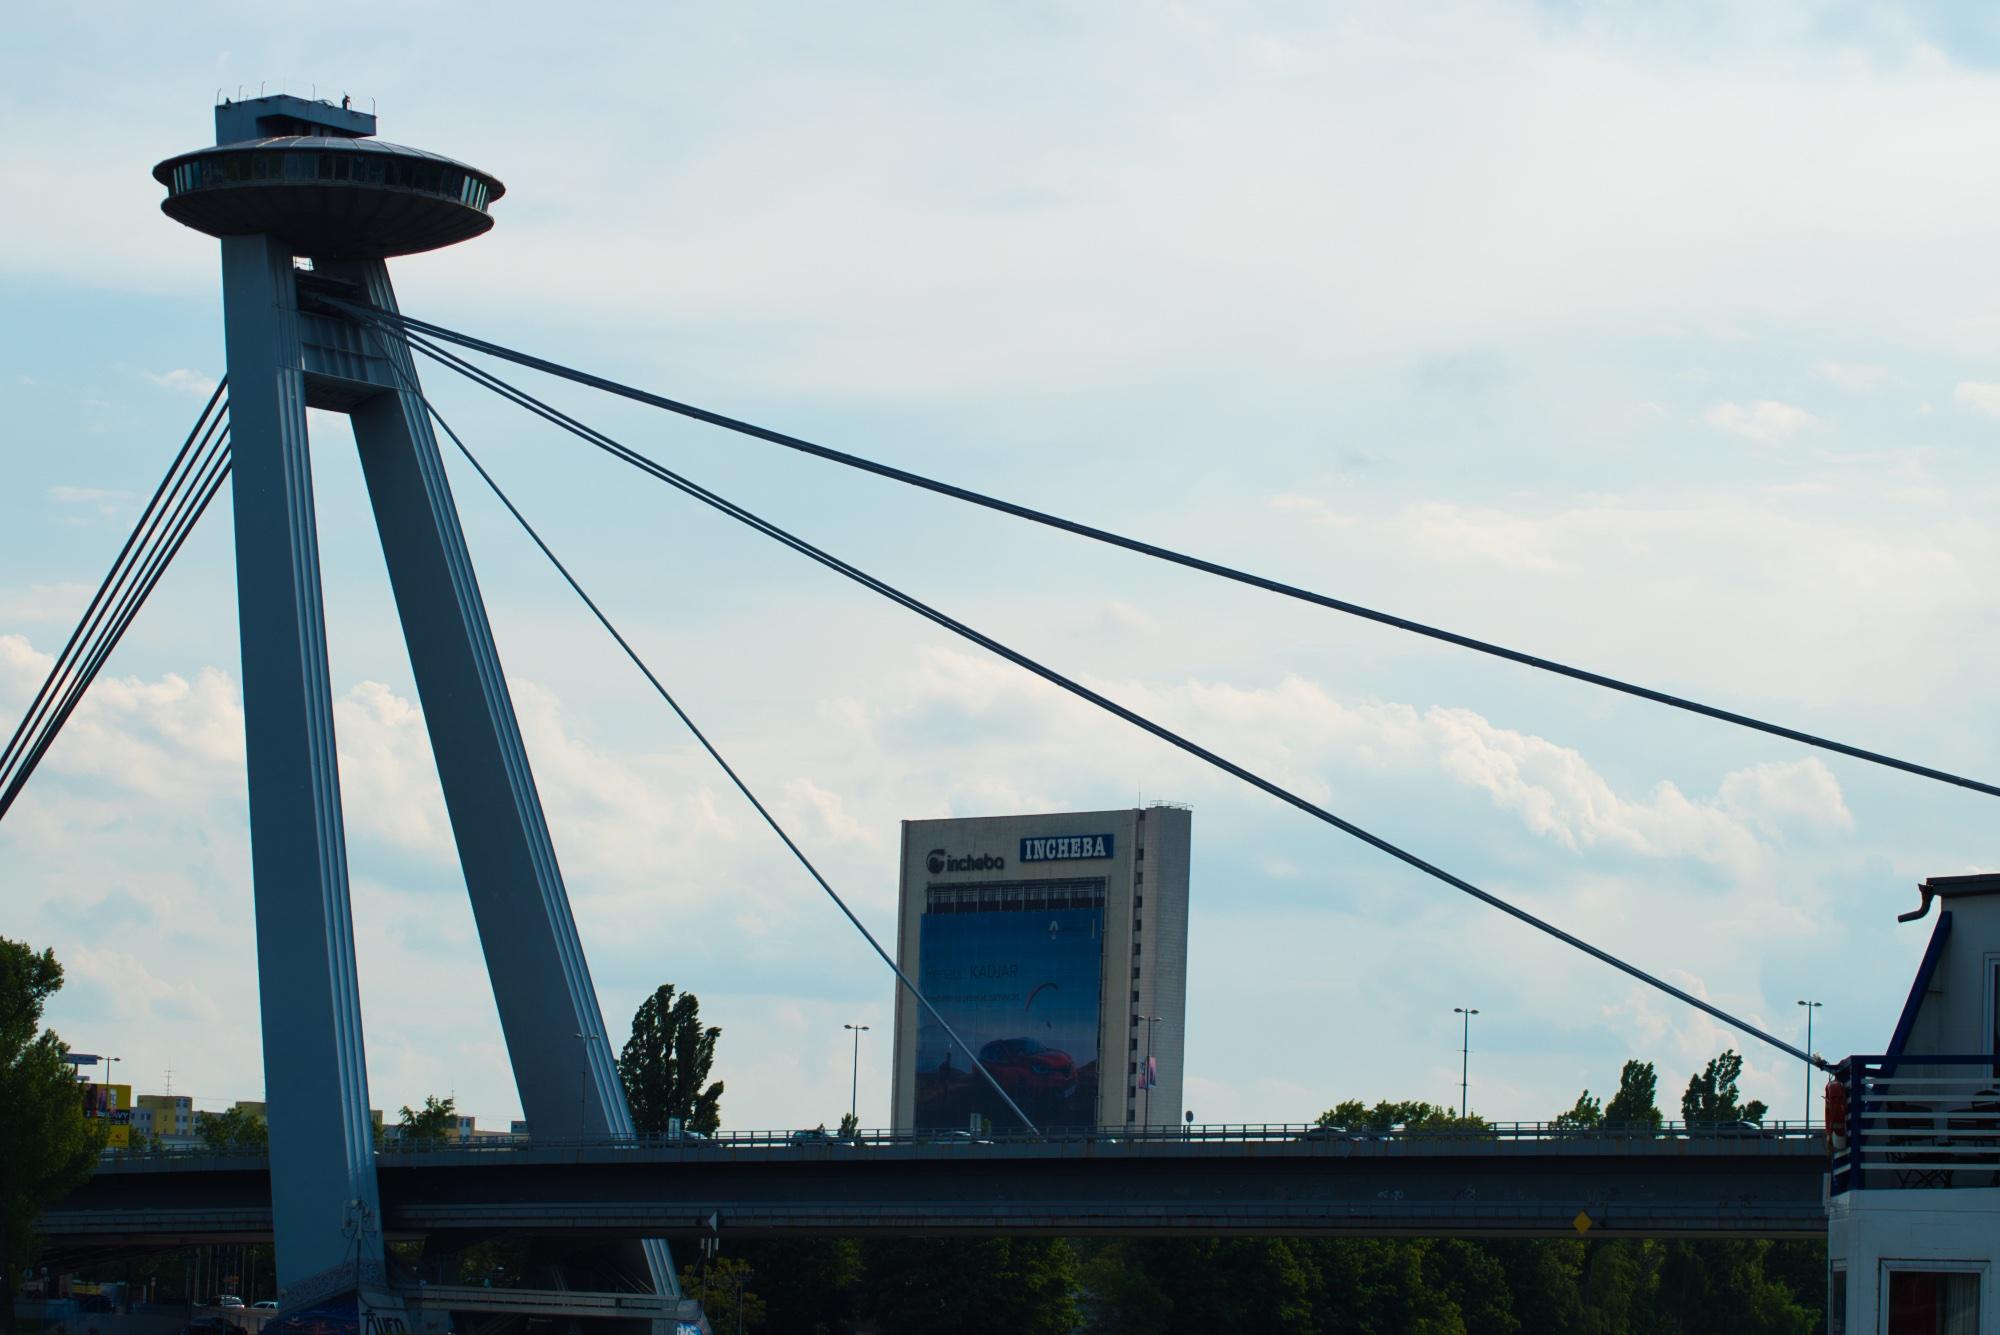 TwinCity Bratislava